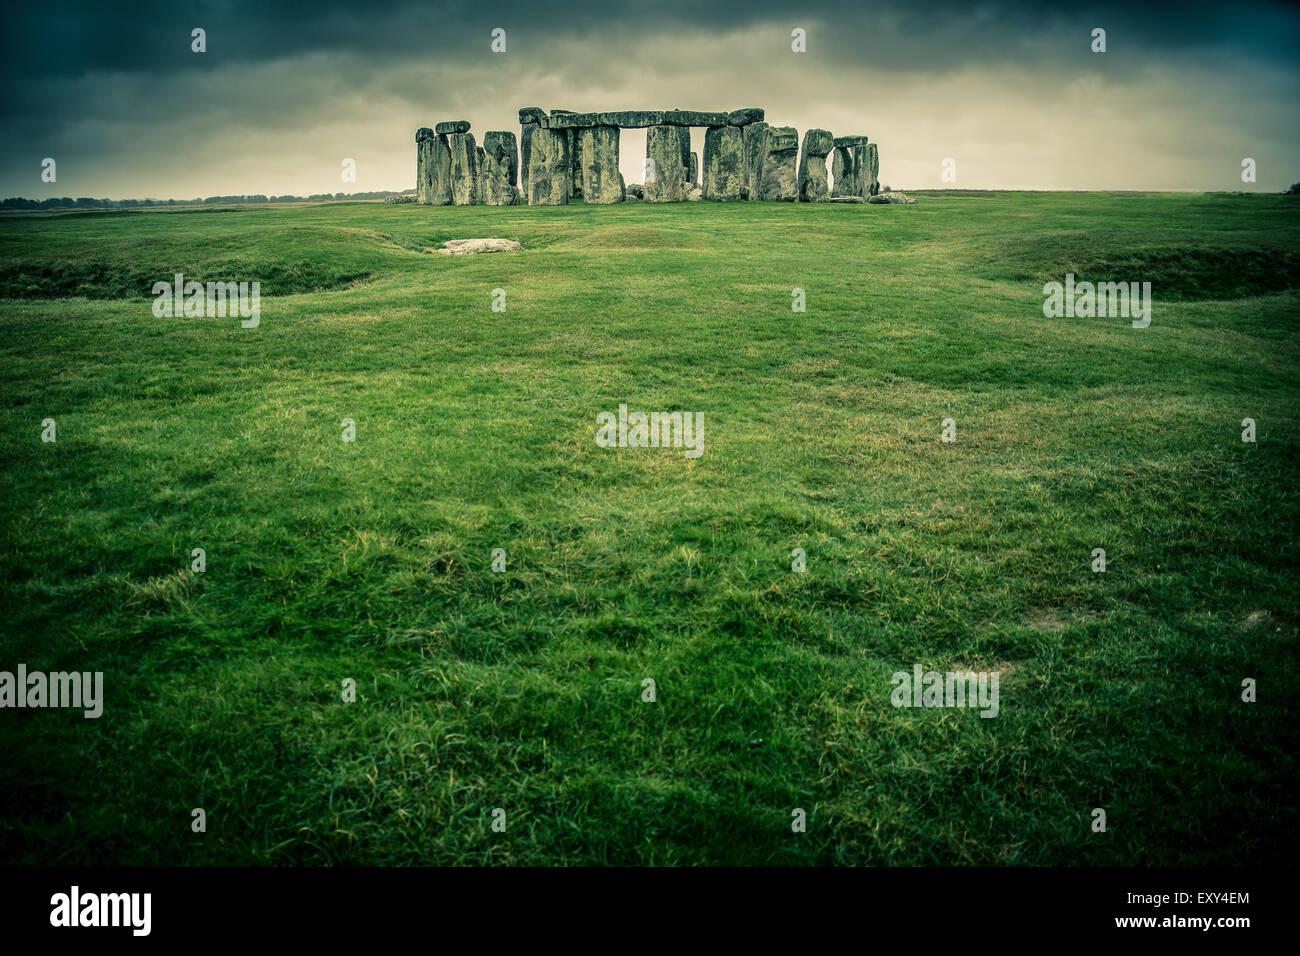 Pelouse menant à Stonehenge sur un jour gris nuageux Photo Stock